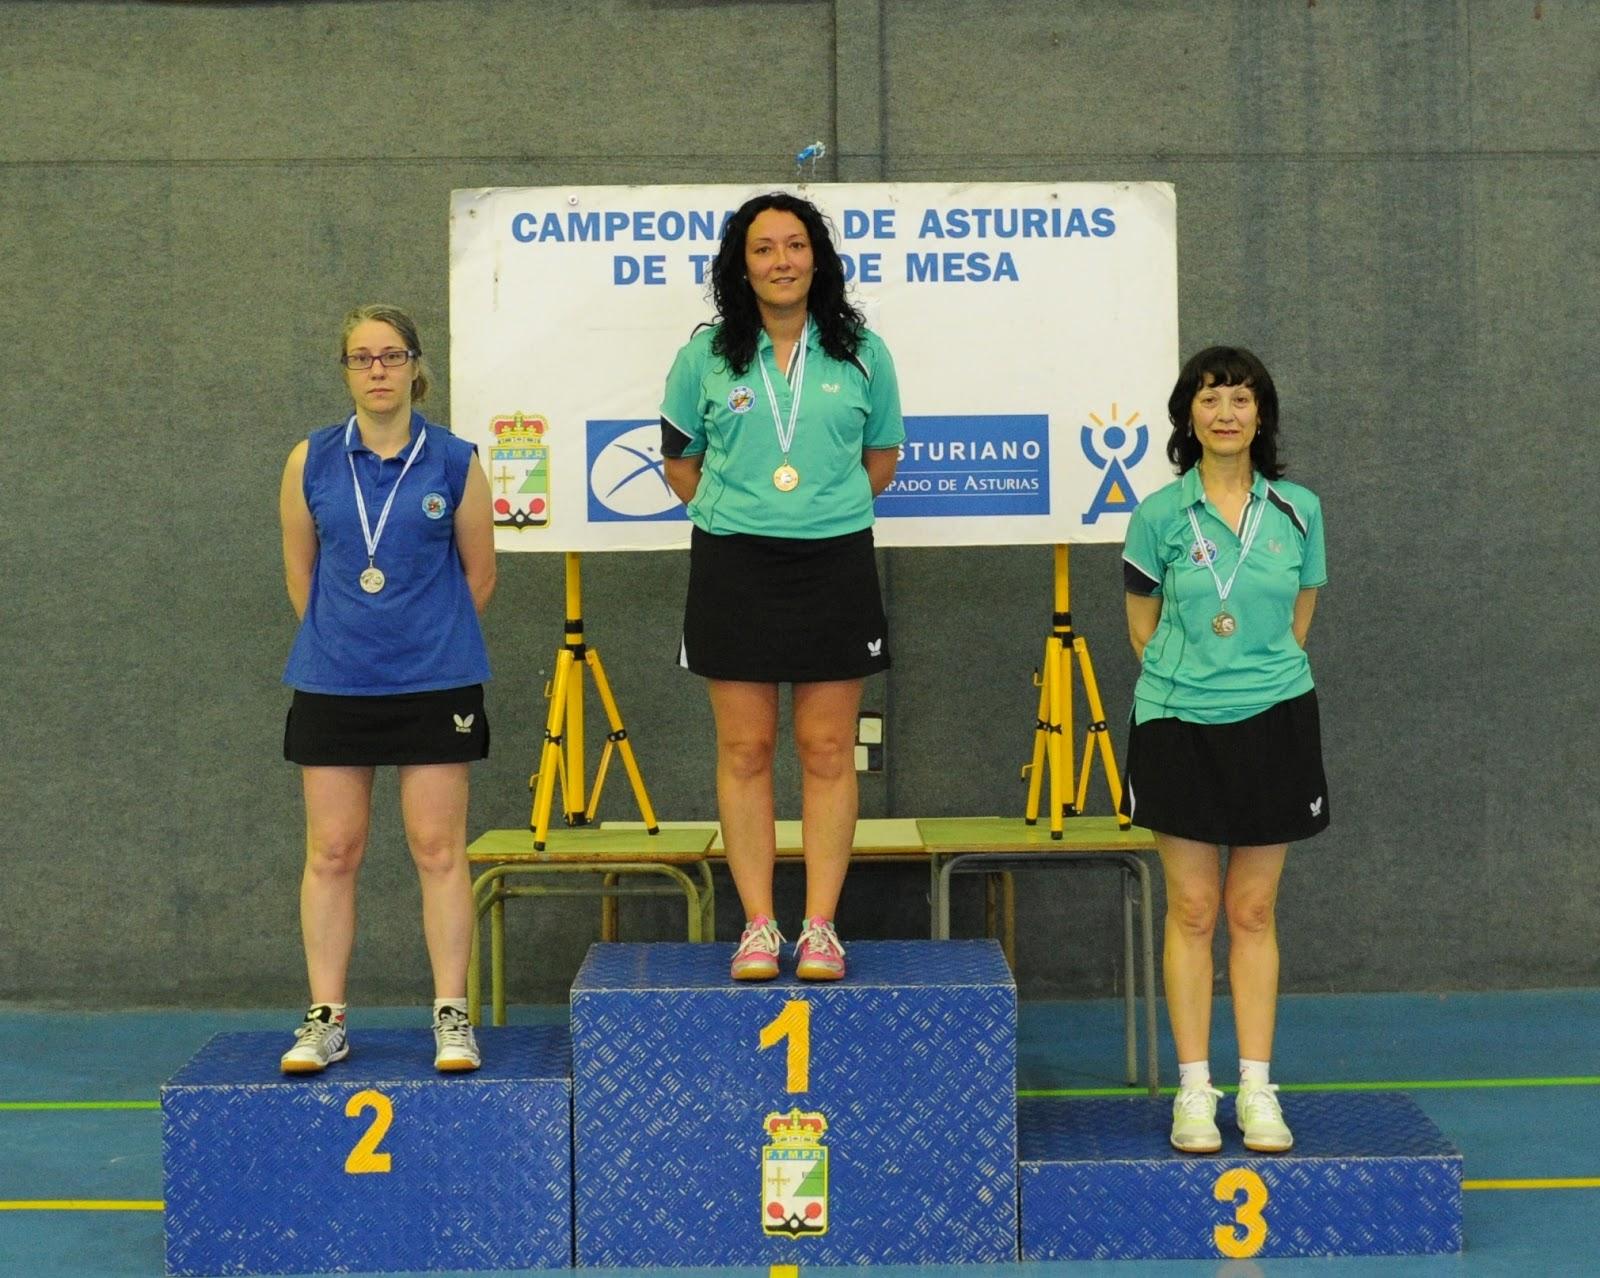 Federaci n de tenis de mesa del principado de asturias campeonato de asturias de veteranos - Aviles tenis de mesa ...